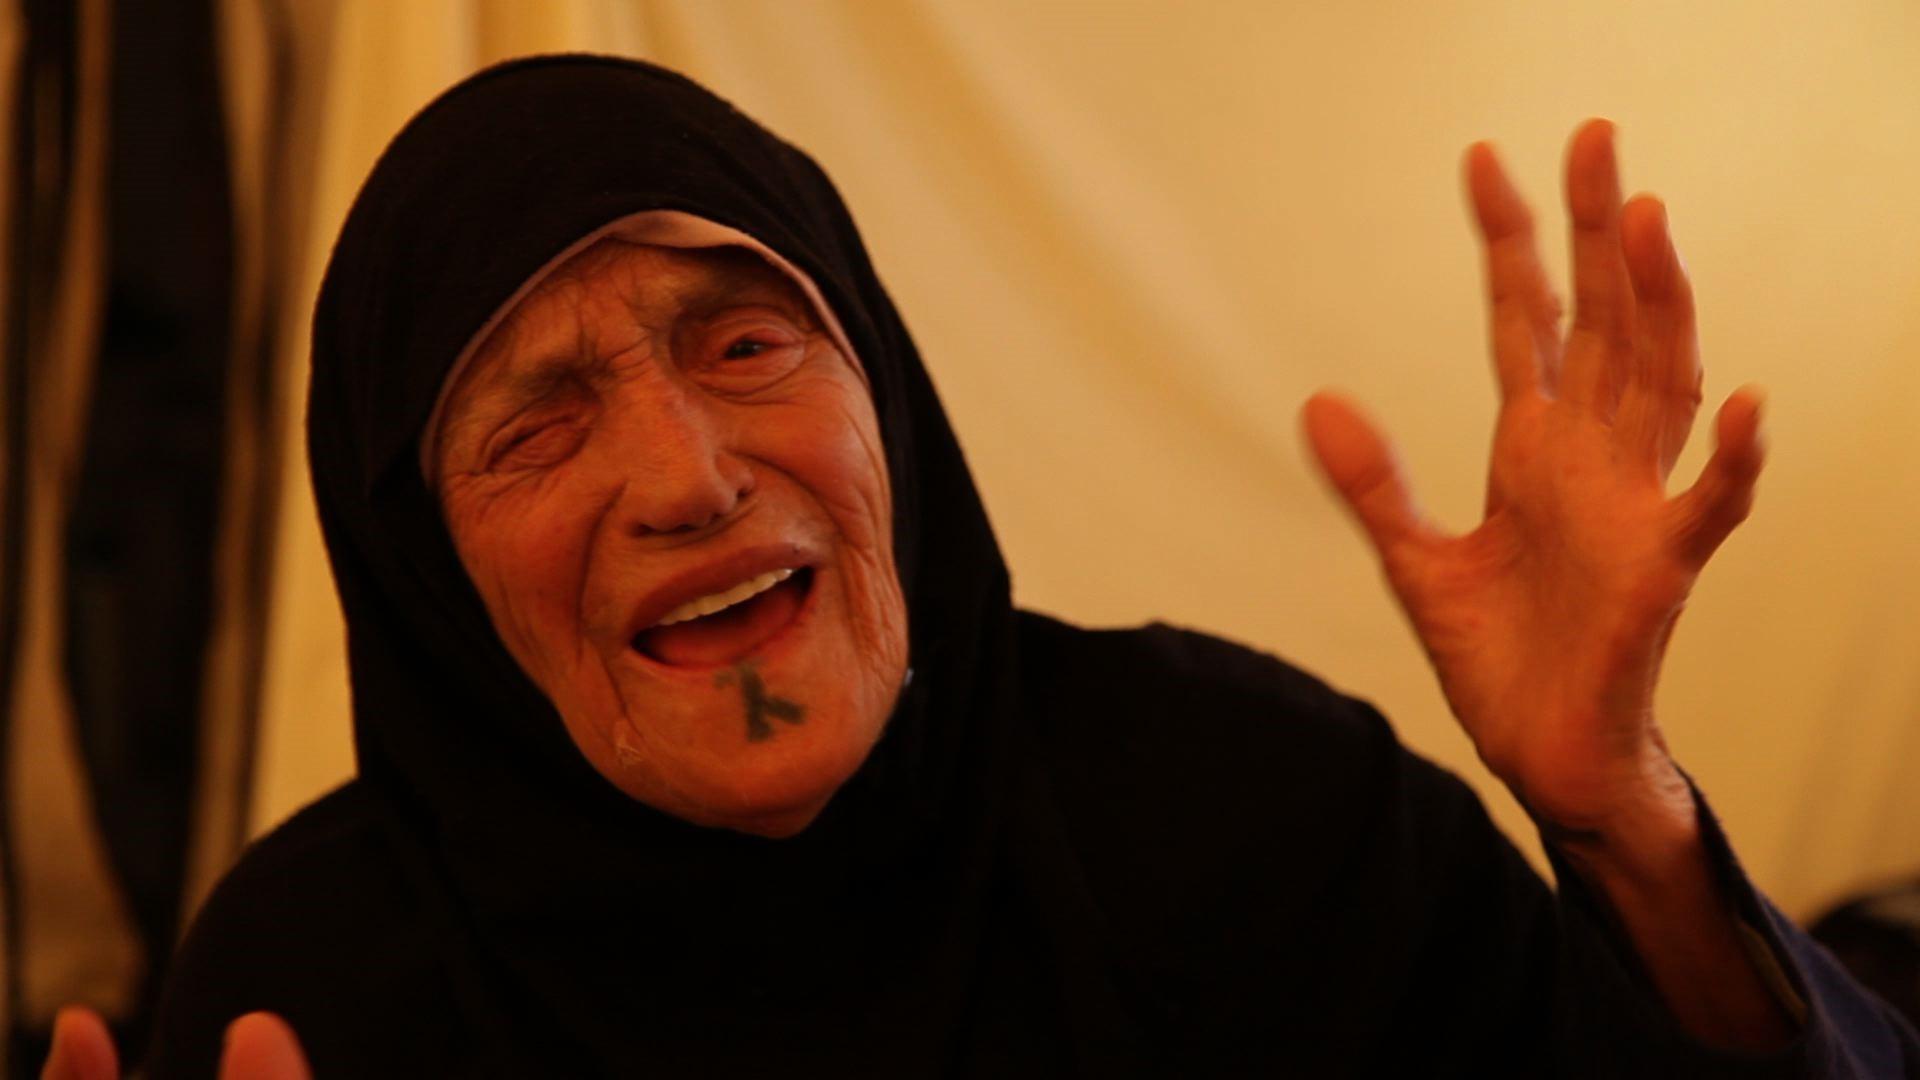 an elderly lady in syria